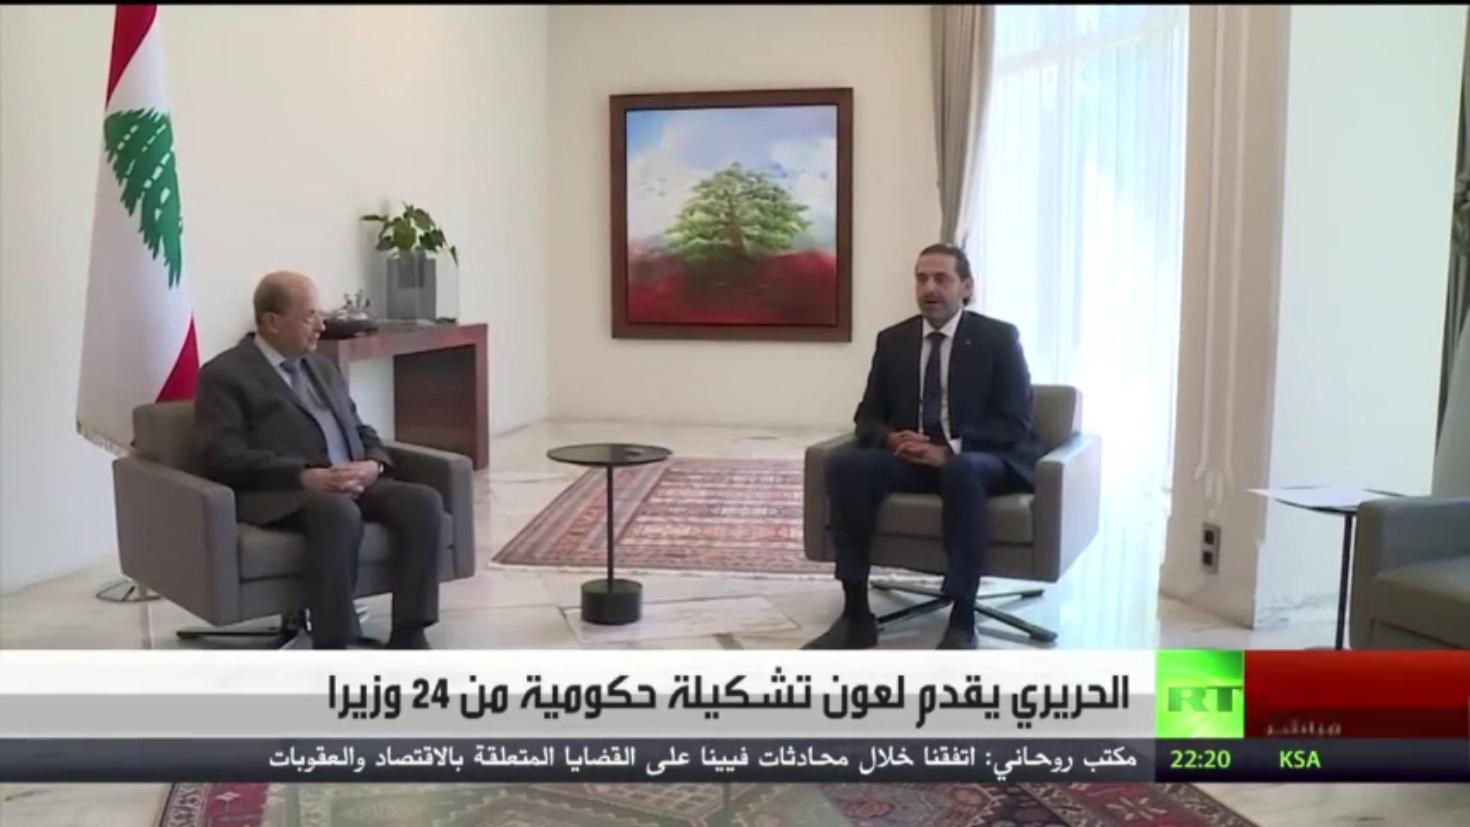 الحريري يقدم لعون تشكيلة حكومية من 24 وزيرا